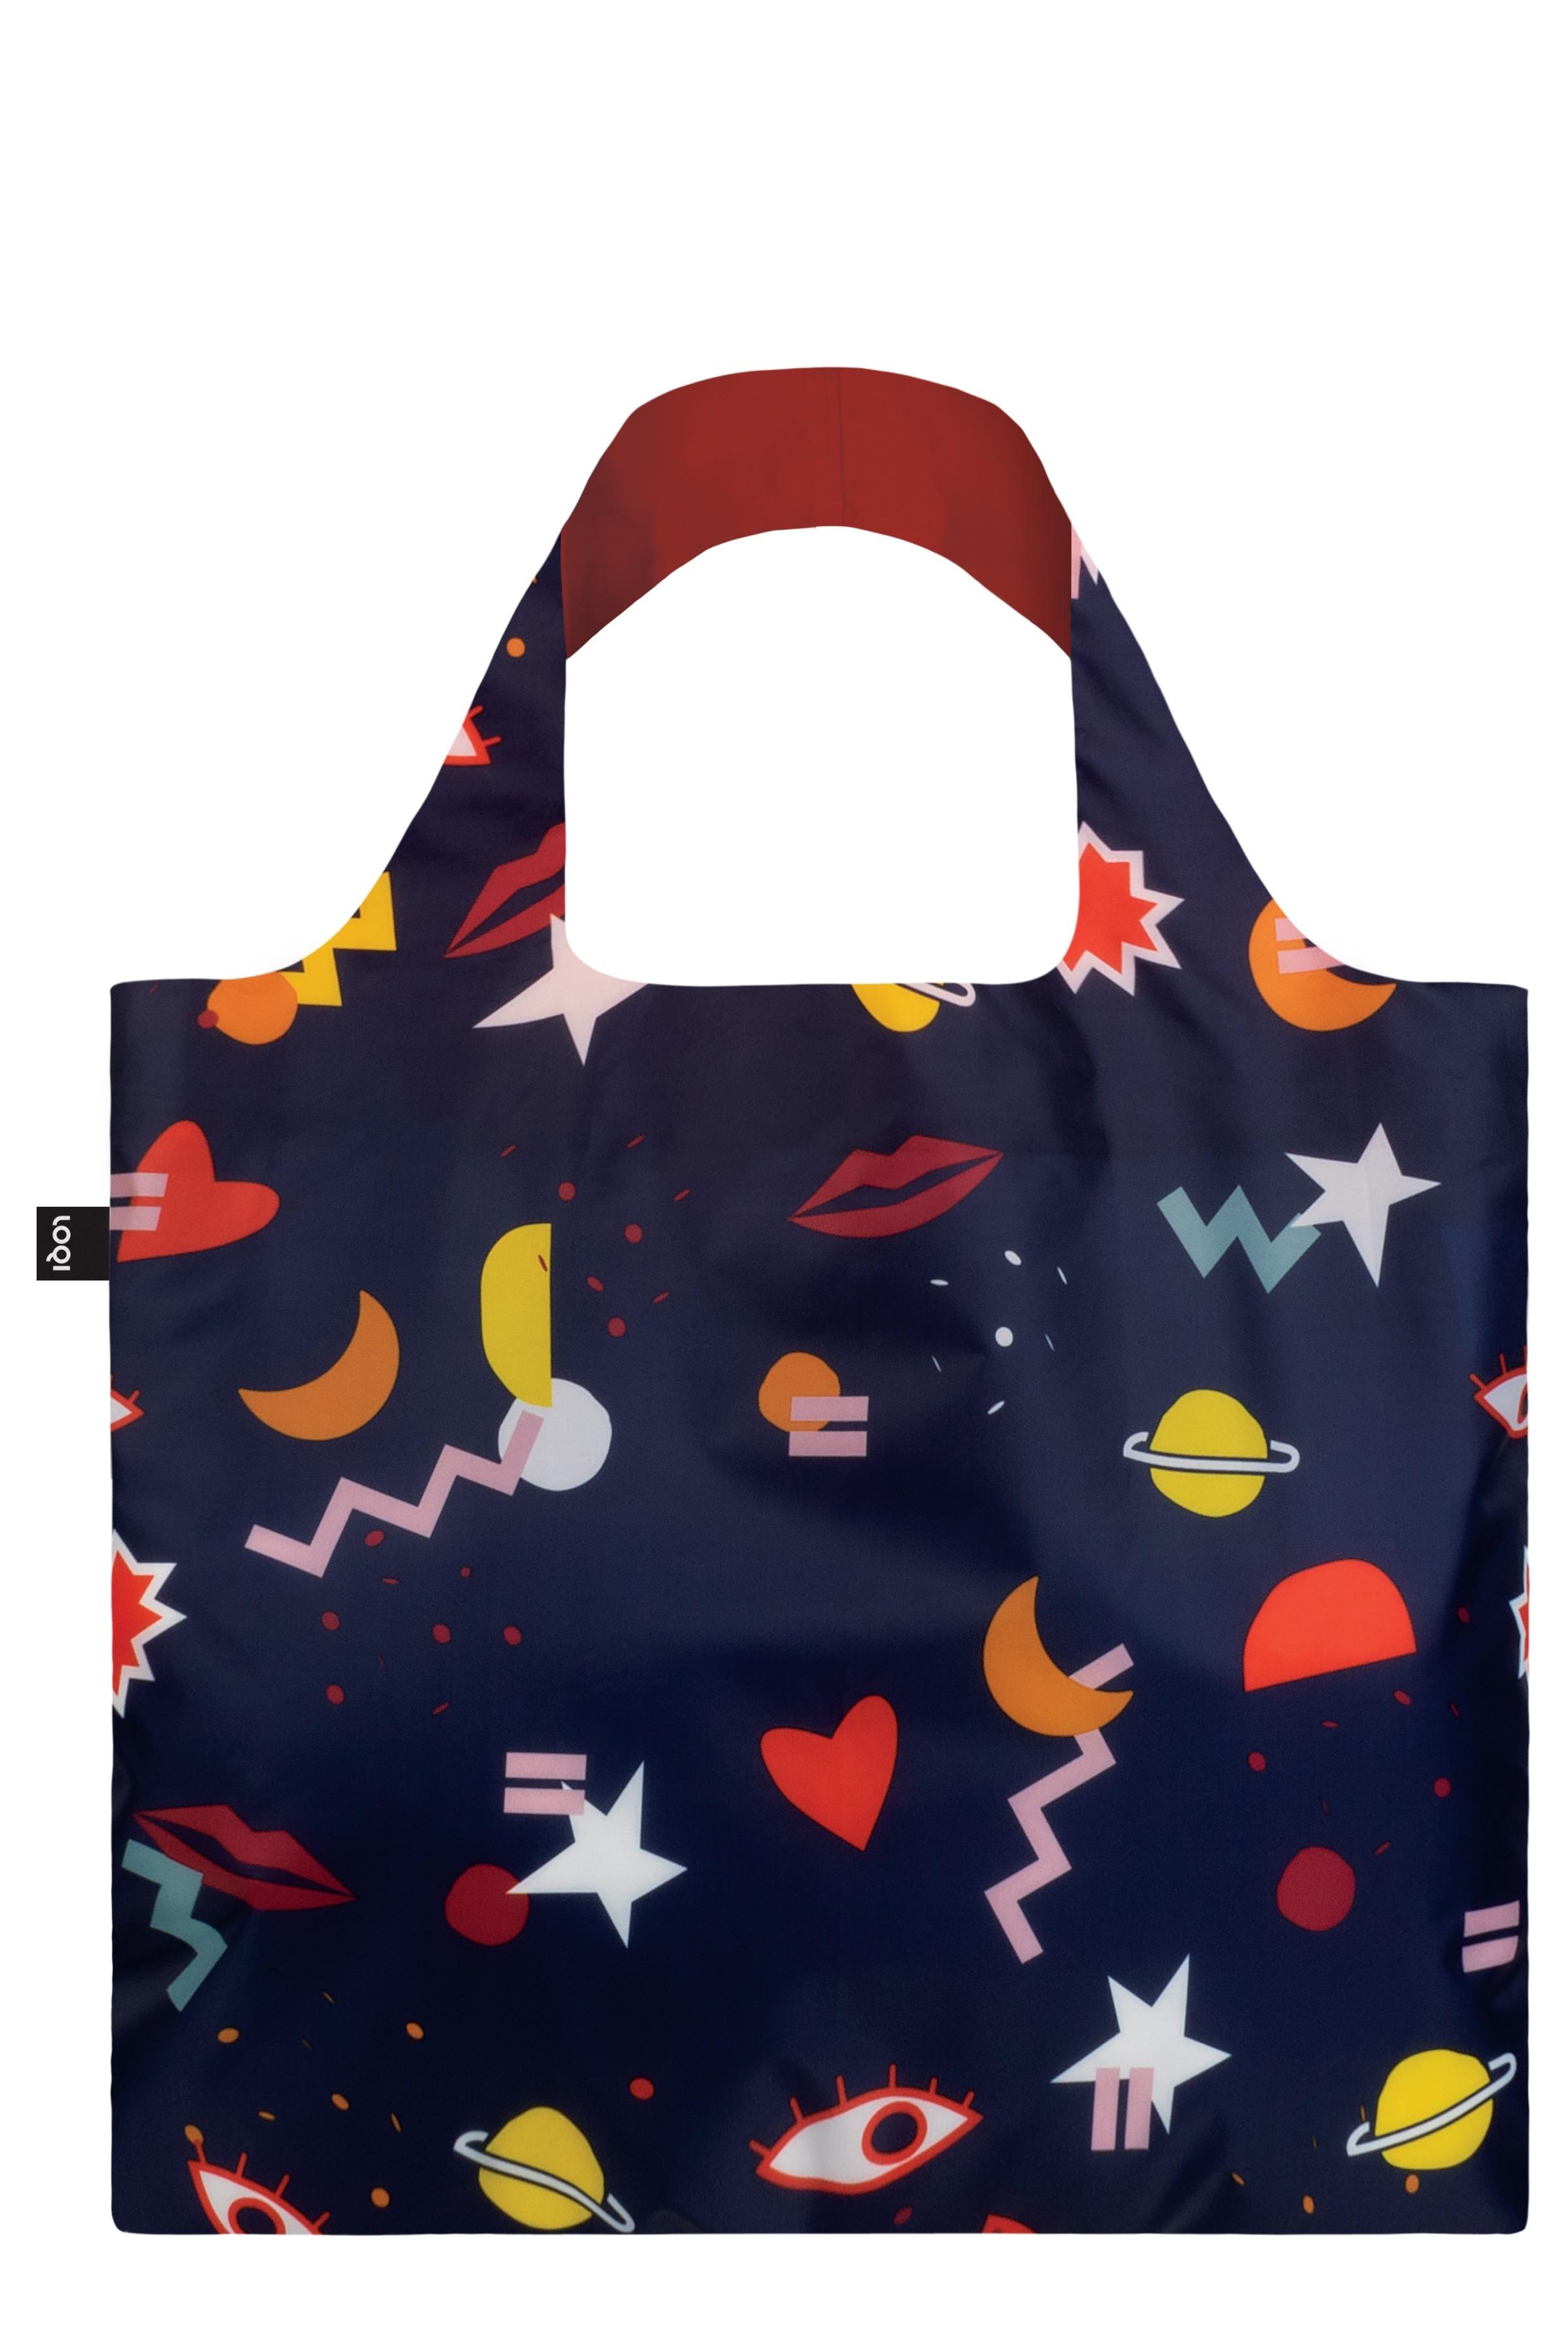 Loqi Night Night Foldaway Tote Bag